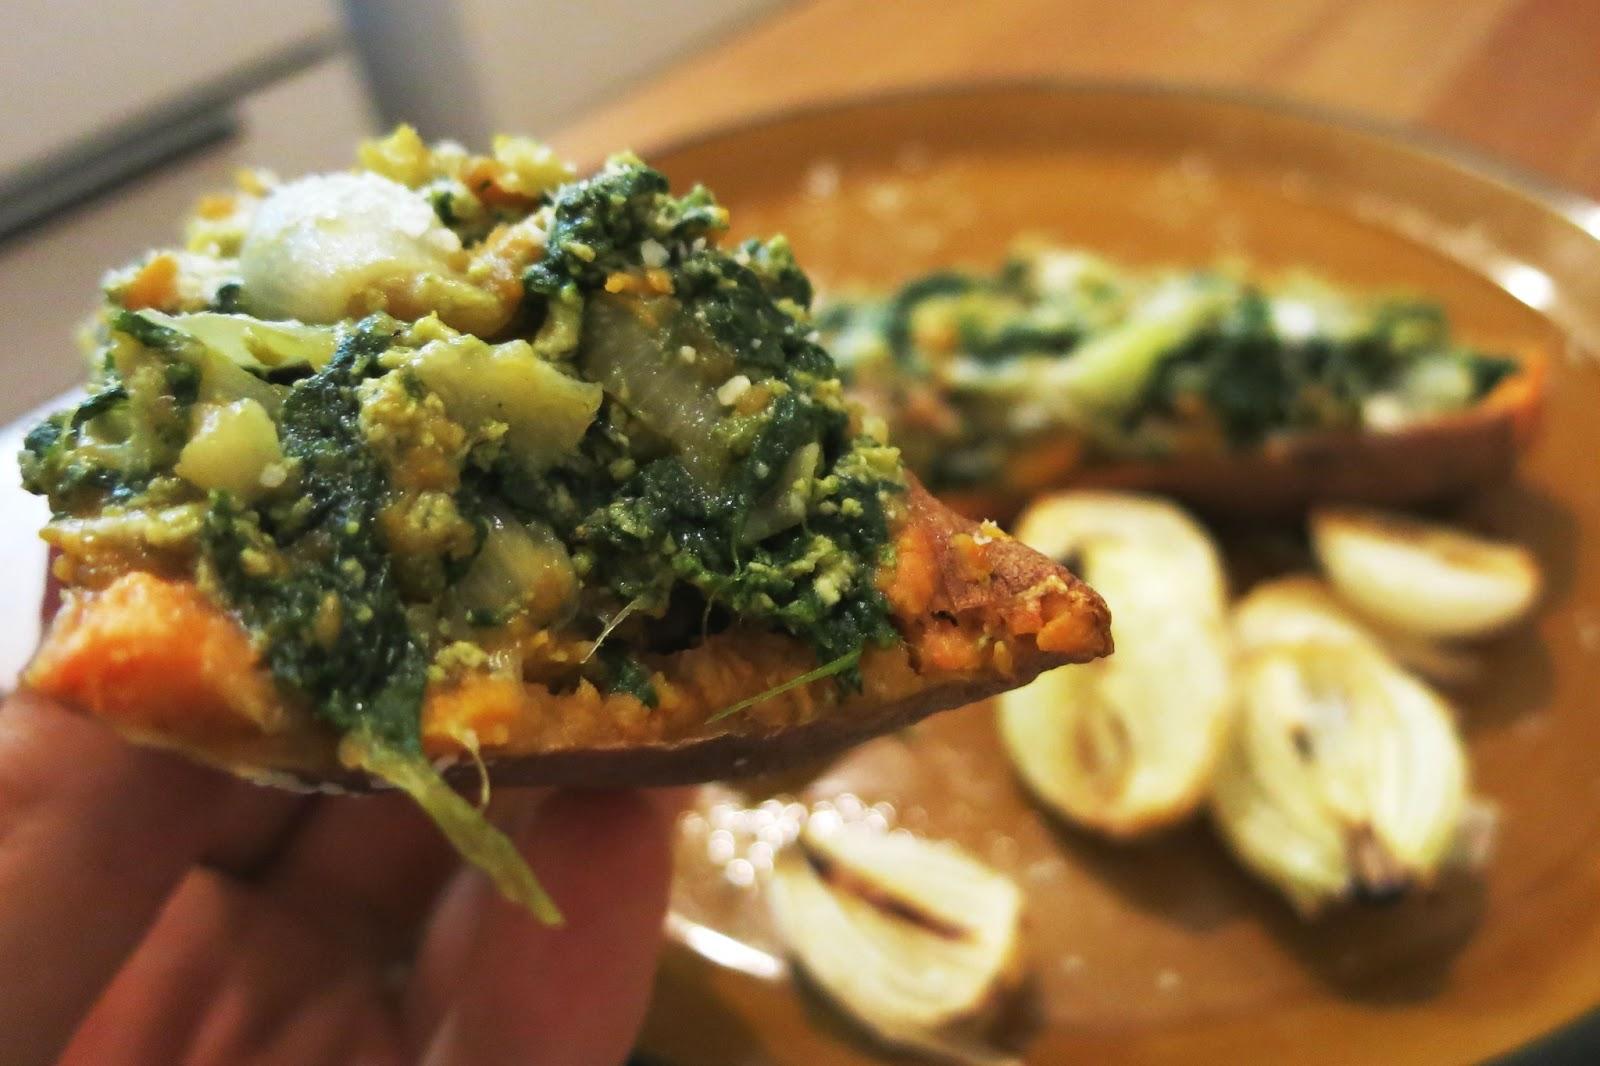 Spinach and Garlic Scramble Sweet Potato Boats